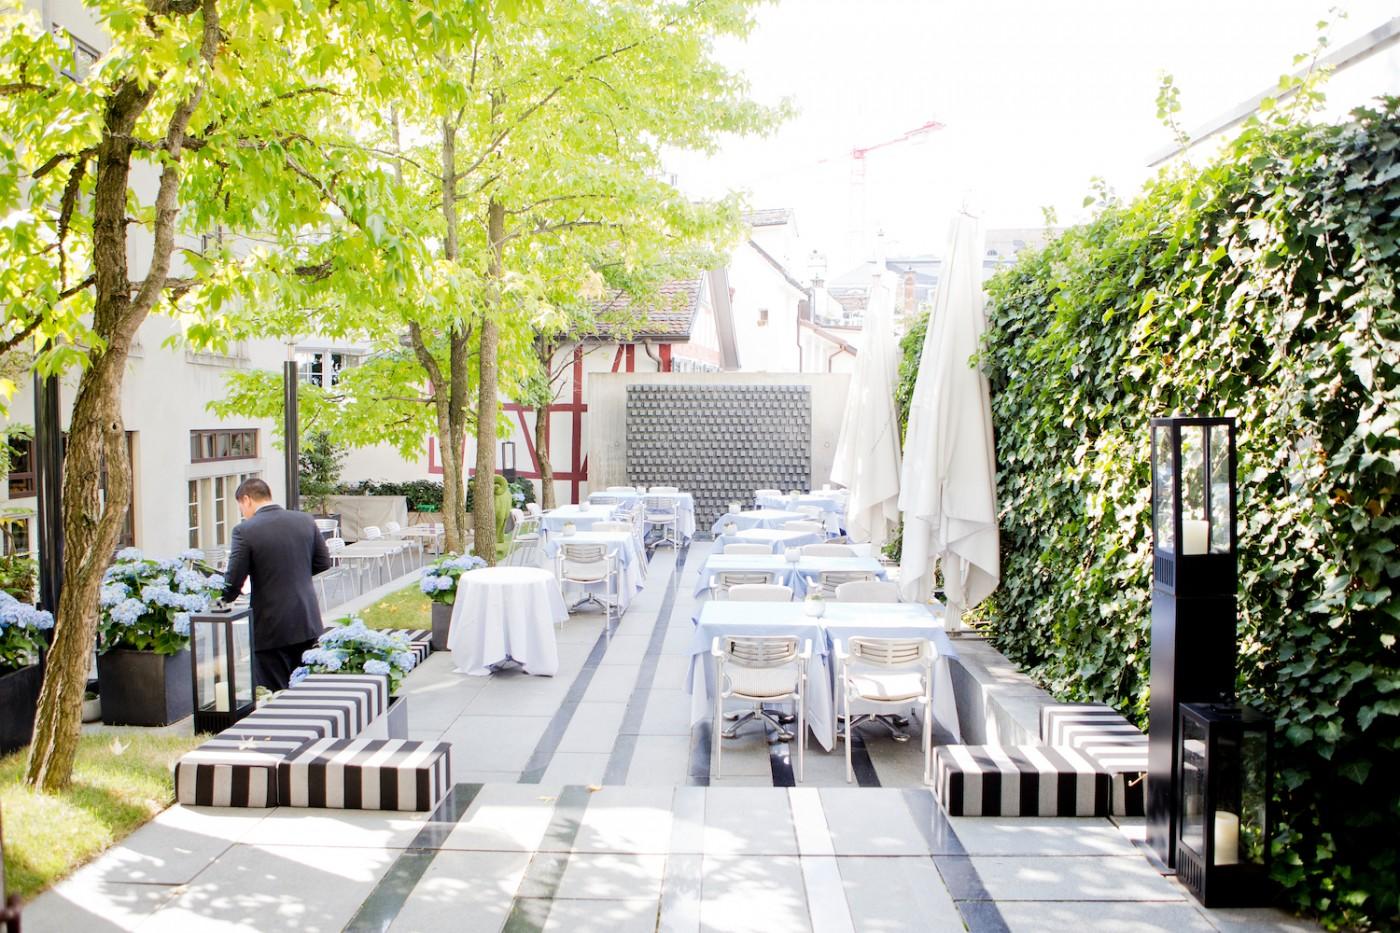 Widder Hotel Zürich, Widder, Zürich, Luxury Hotel Switzerland, Suisse